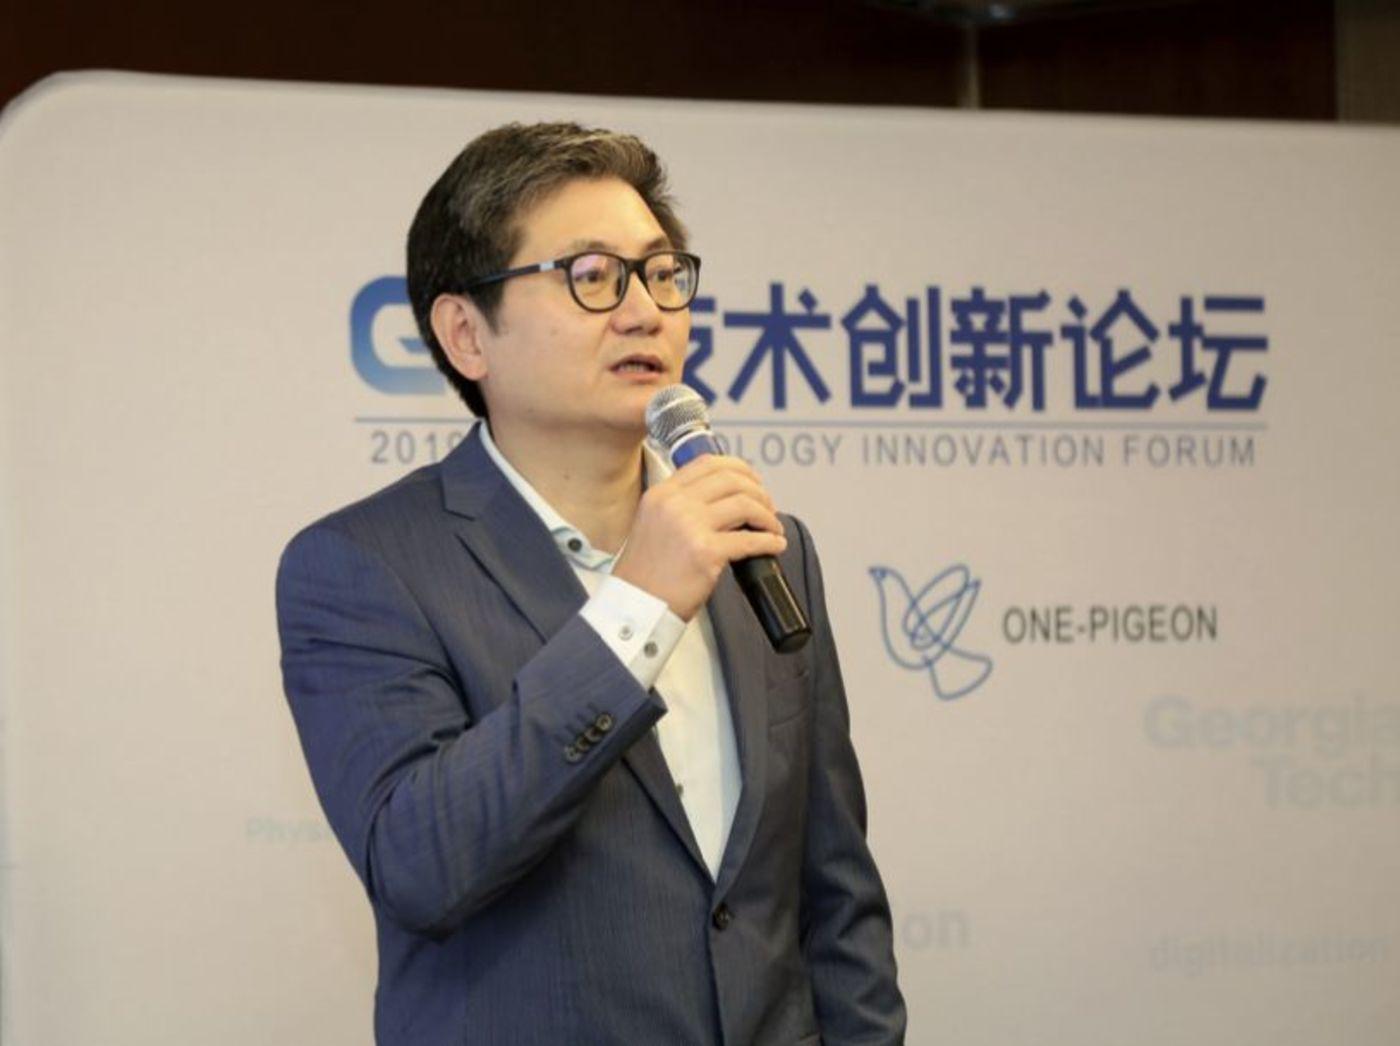 物界科技(上海)有限公司董事长兼CEO田民